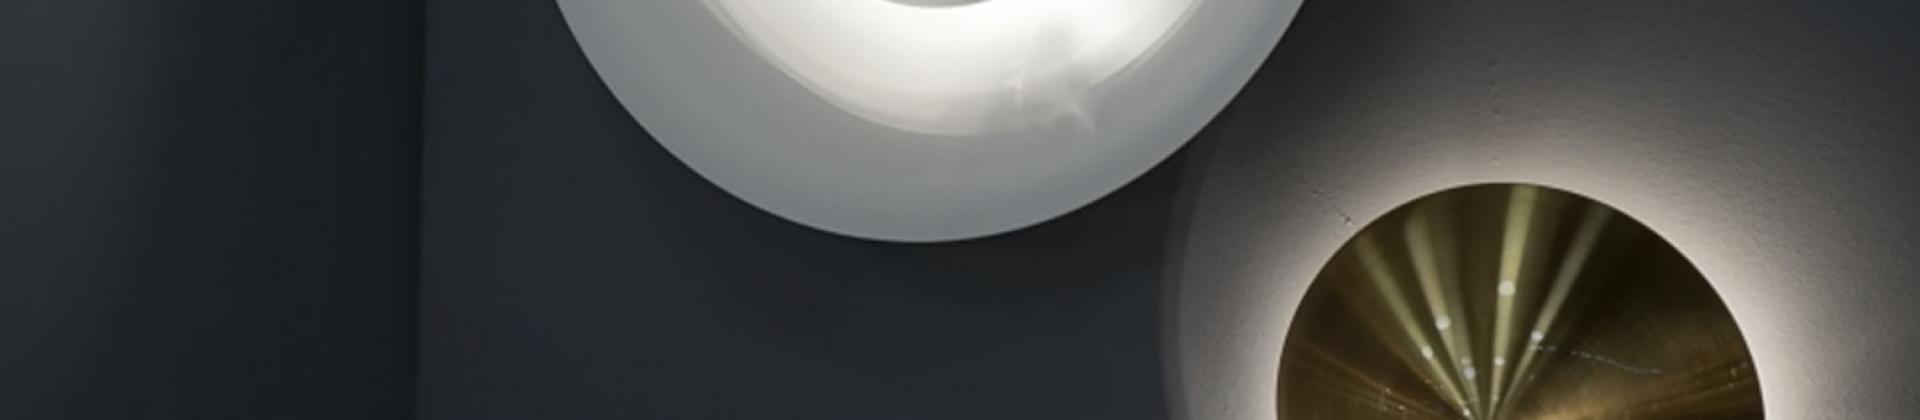 Fornasevi Aromas - Lámparas de diseño